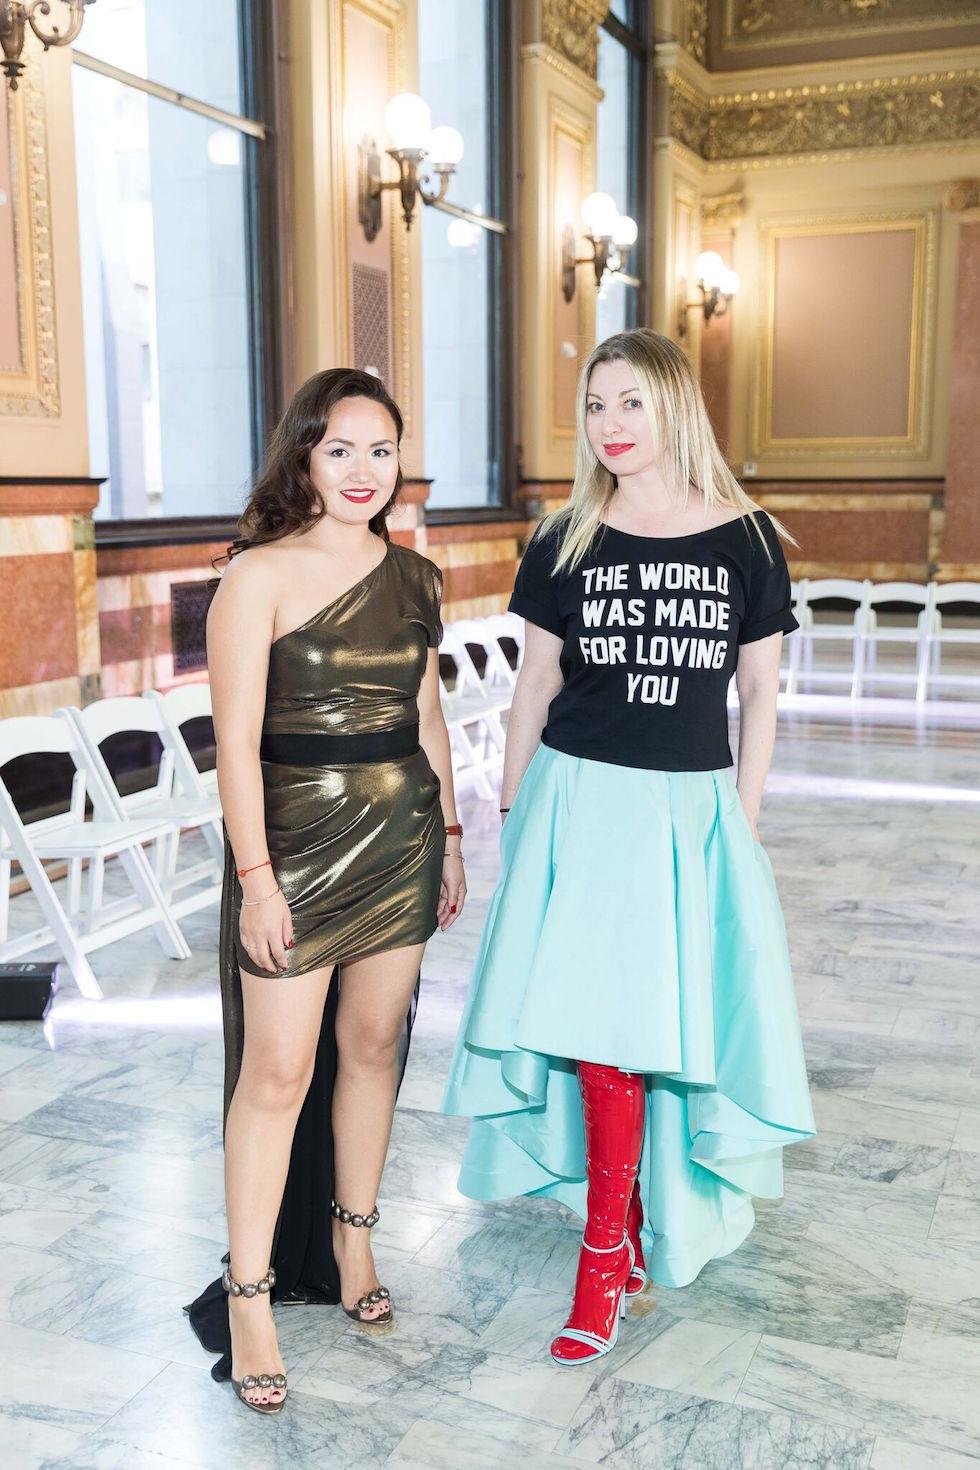 Altana Danzhalova and Sonya Molodetskaya